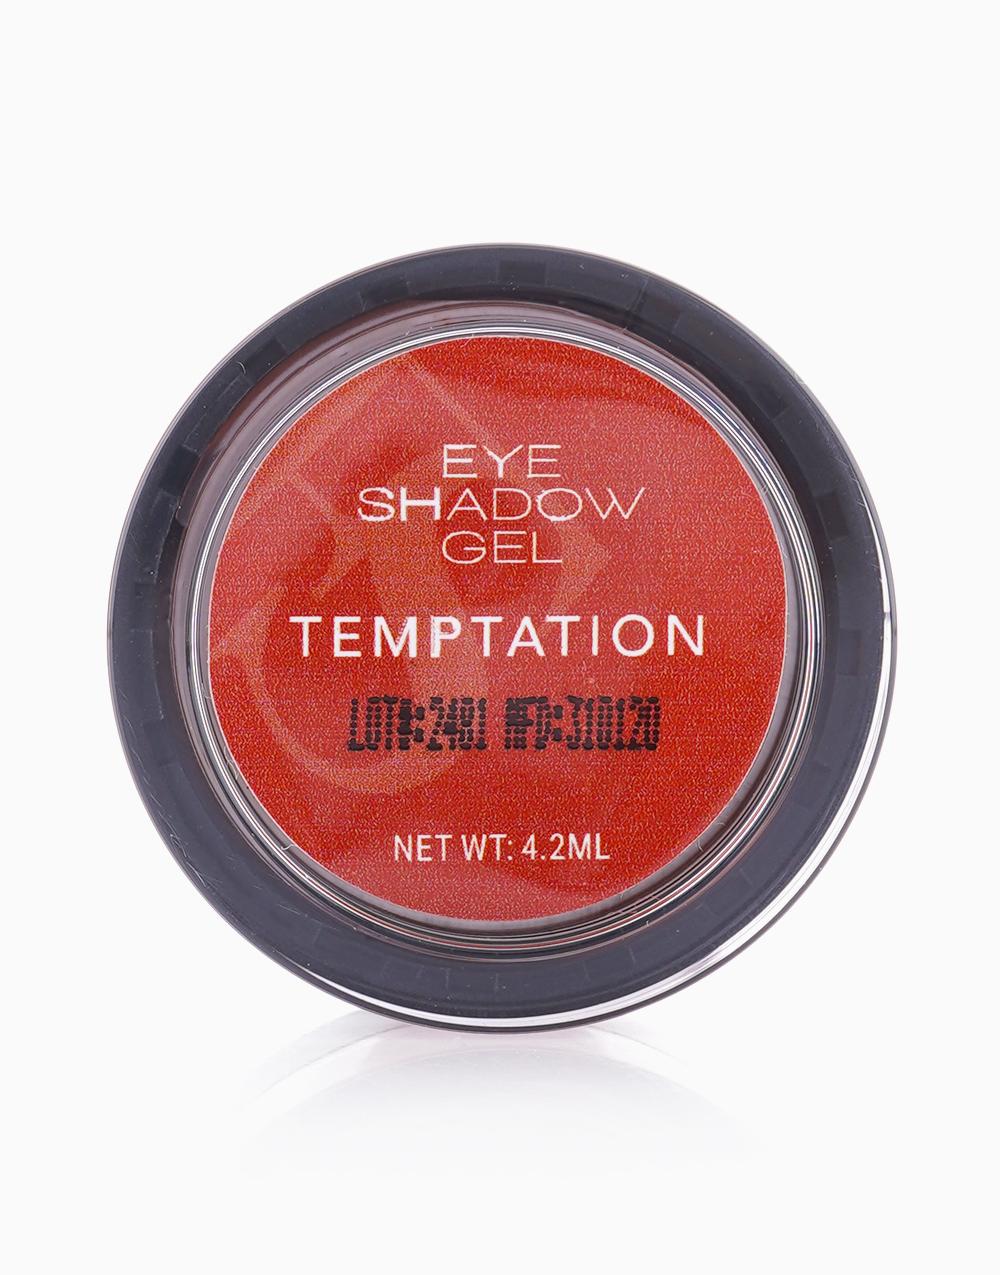 Eyeshadow Gel by FS Features & Shades | Temptation